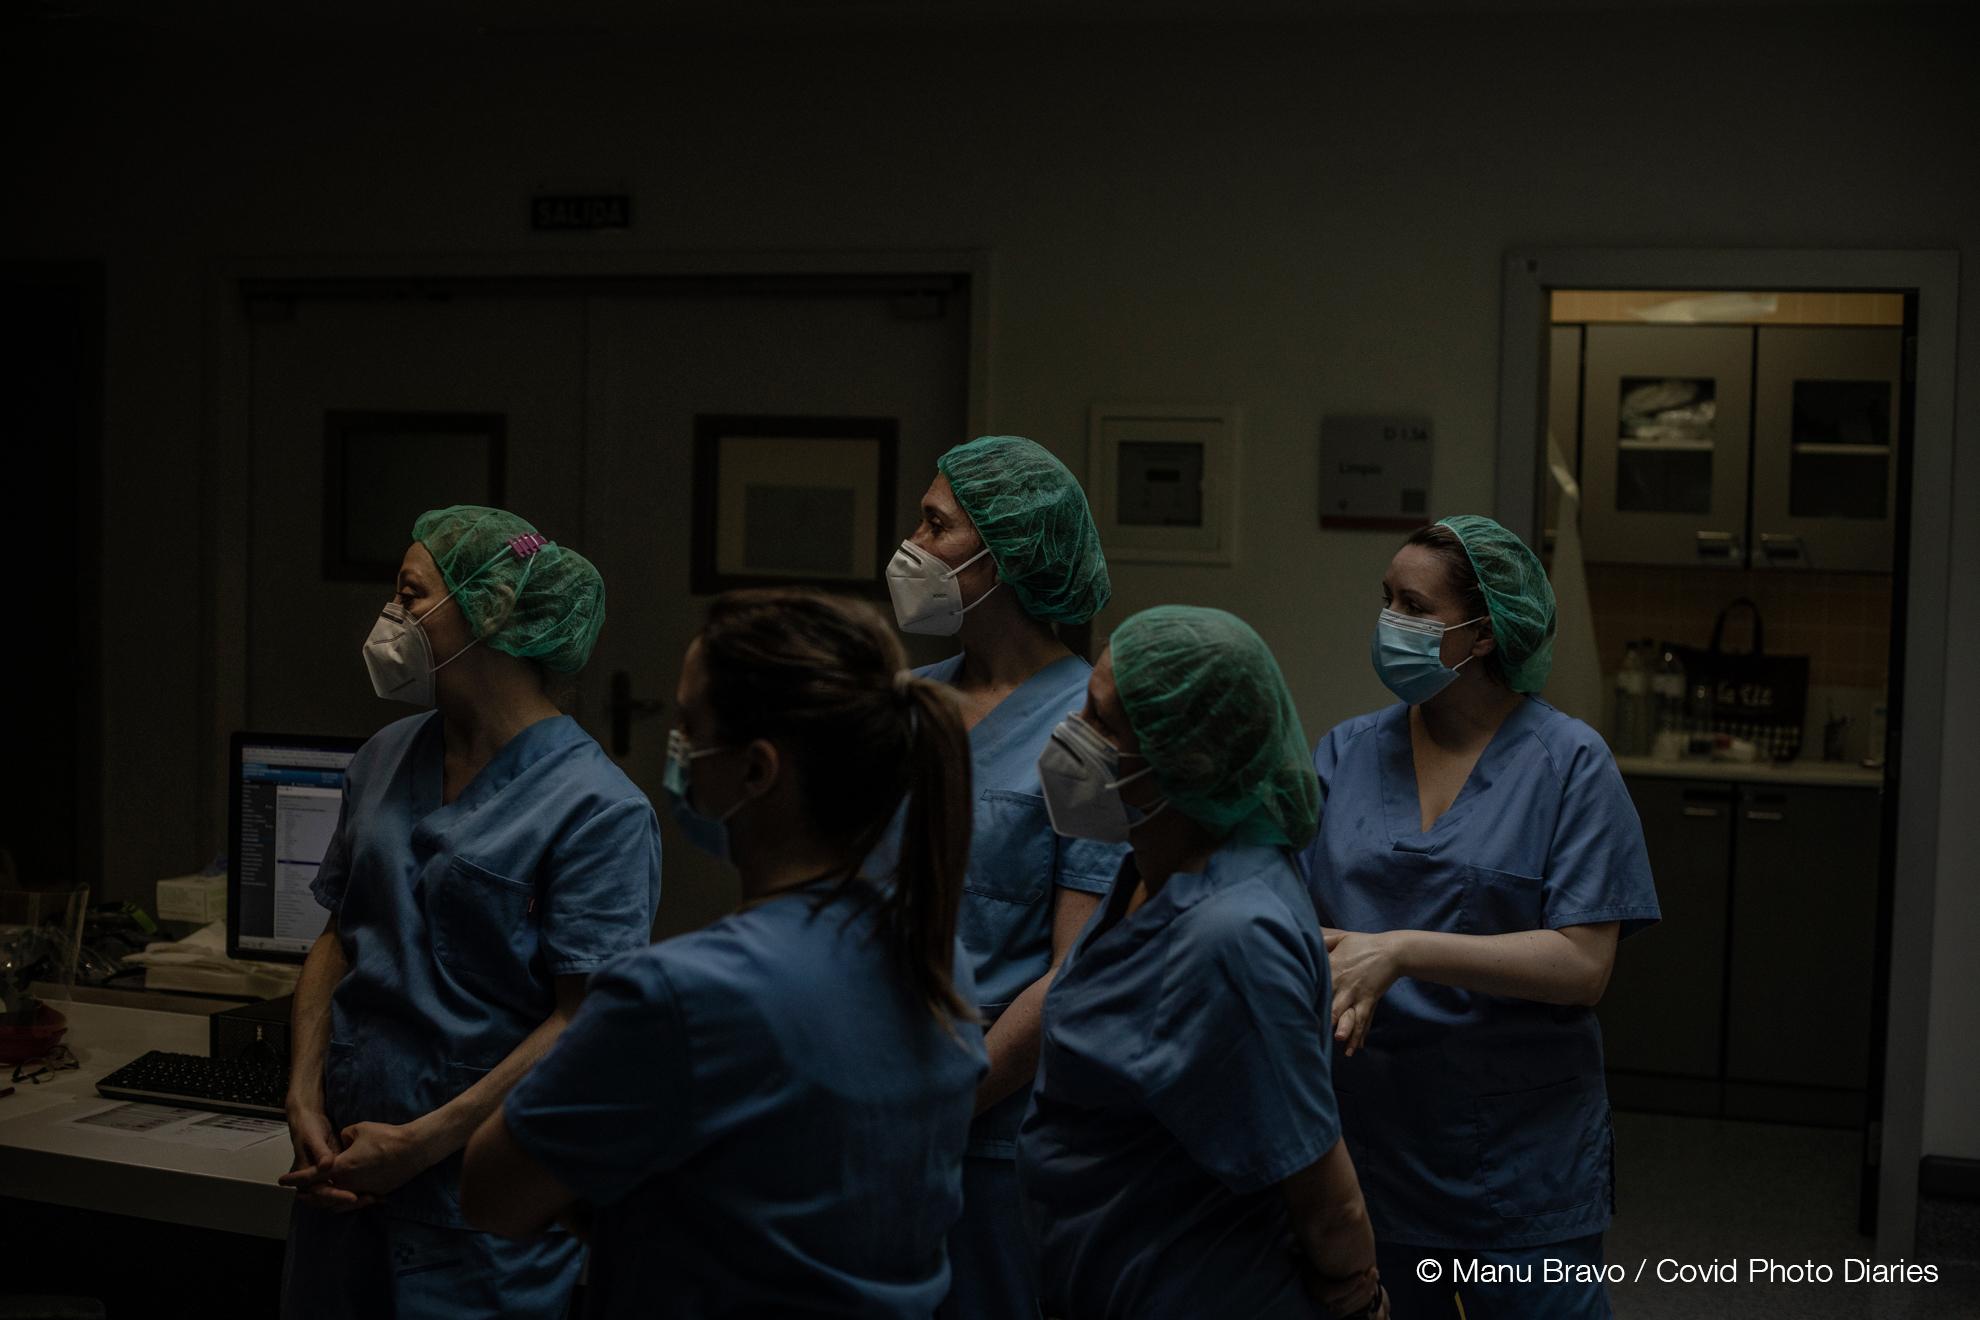 Un grupo de enfermeras observan la intervención de sus colegas en un paciente en la Unidad de Cuidados Intensivos asignada al COVID-19.